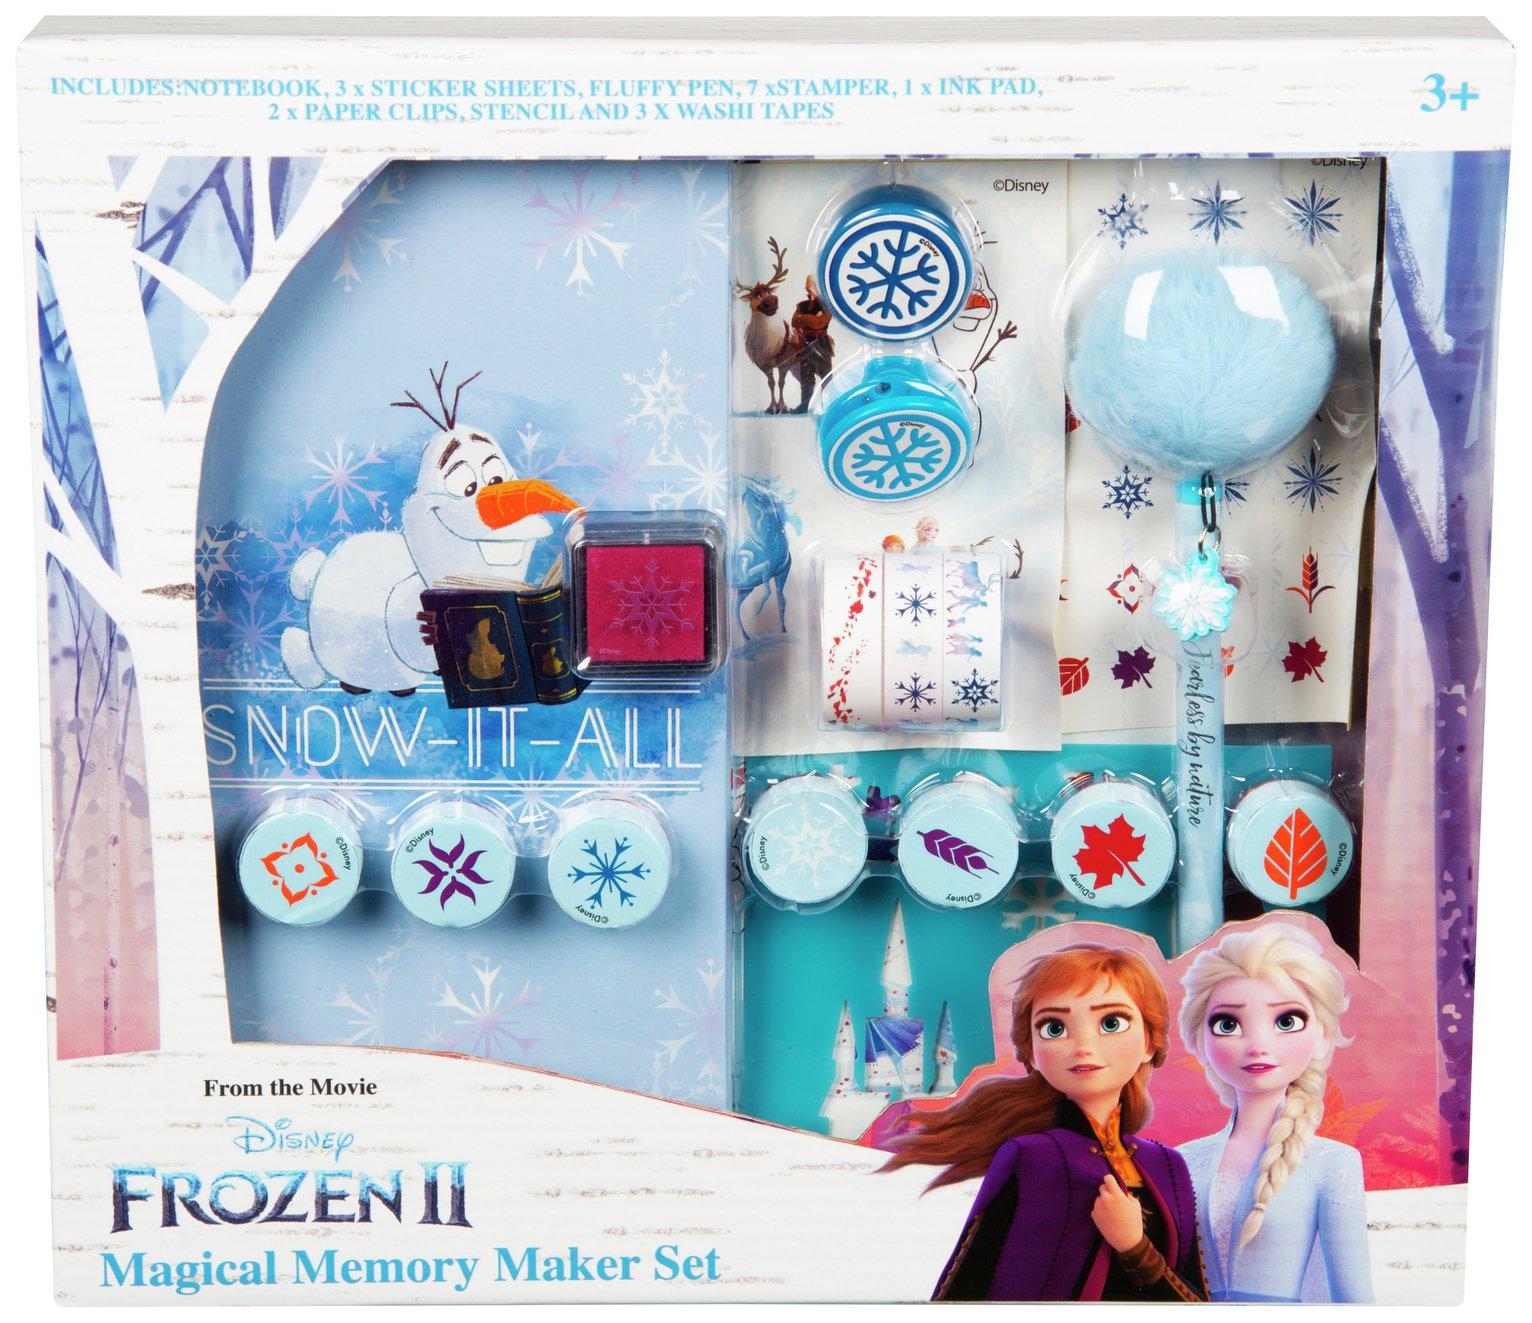 Frozen 2 Magical Memory Maker Set